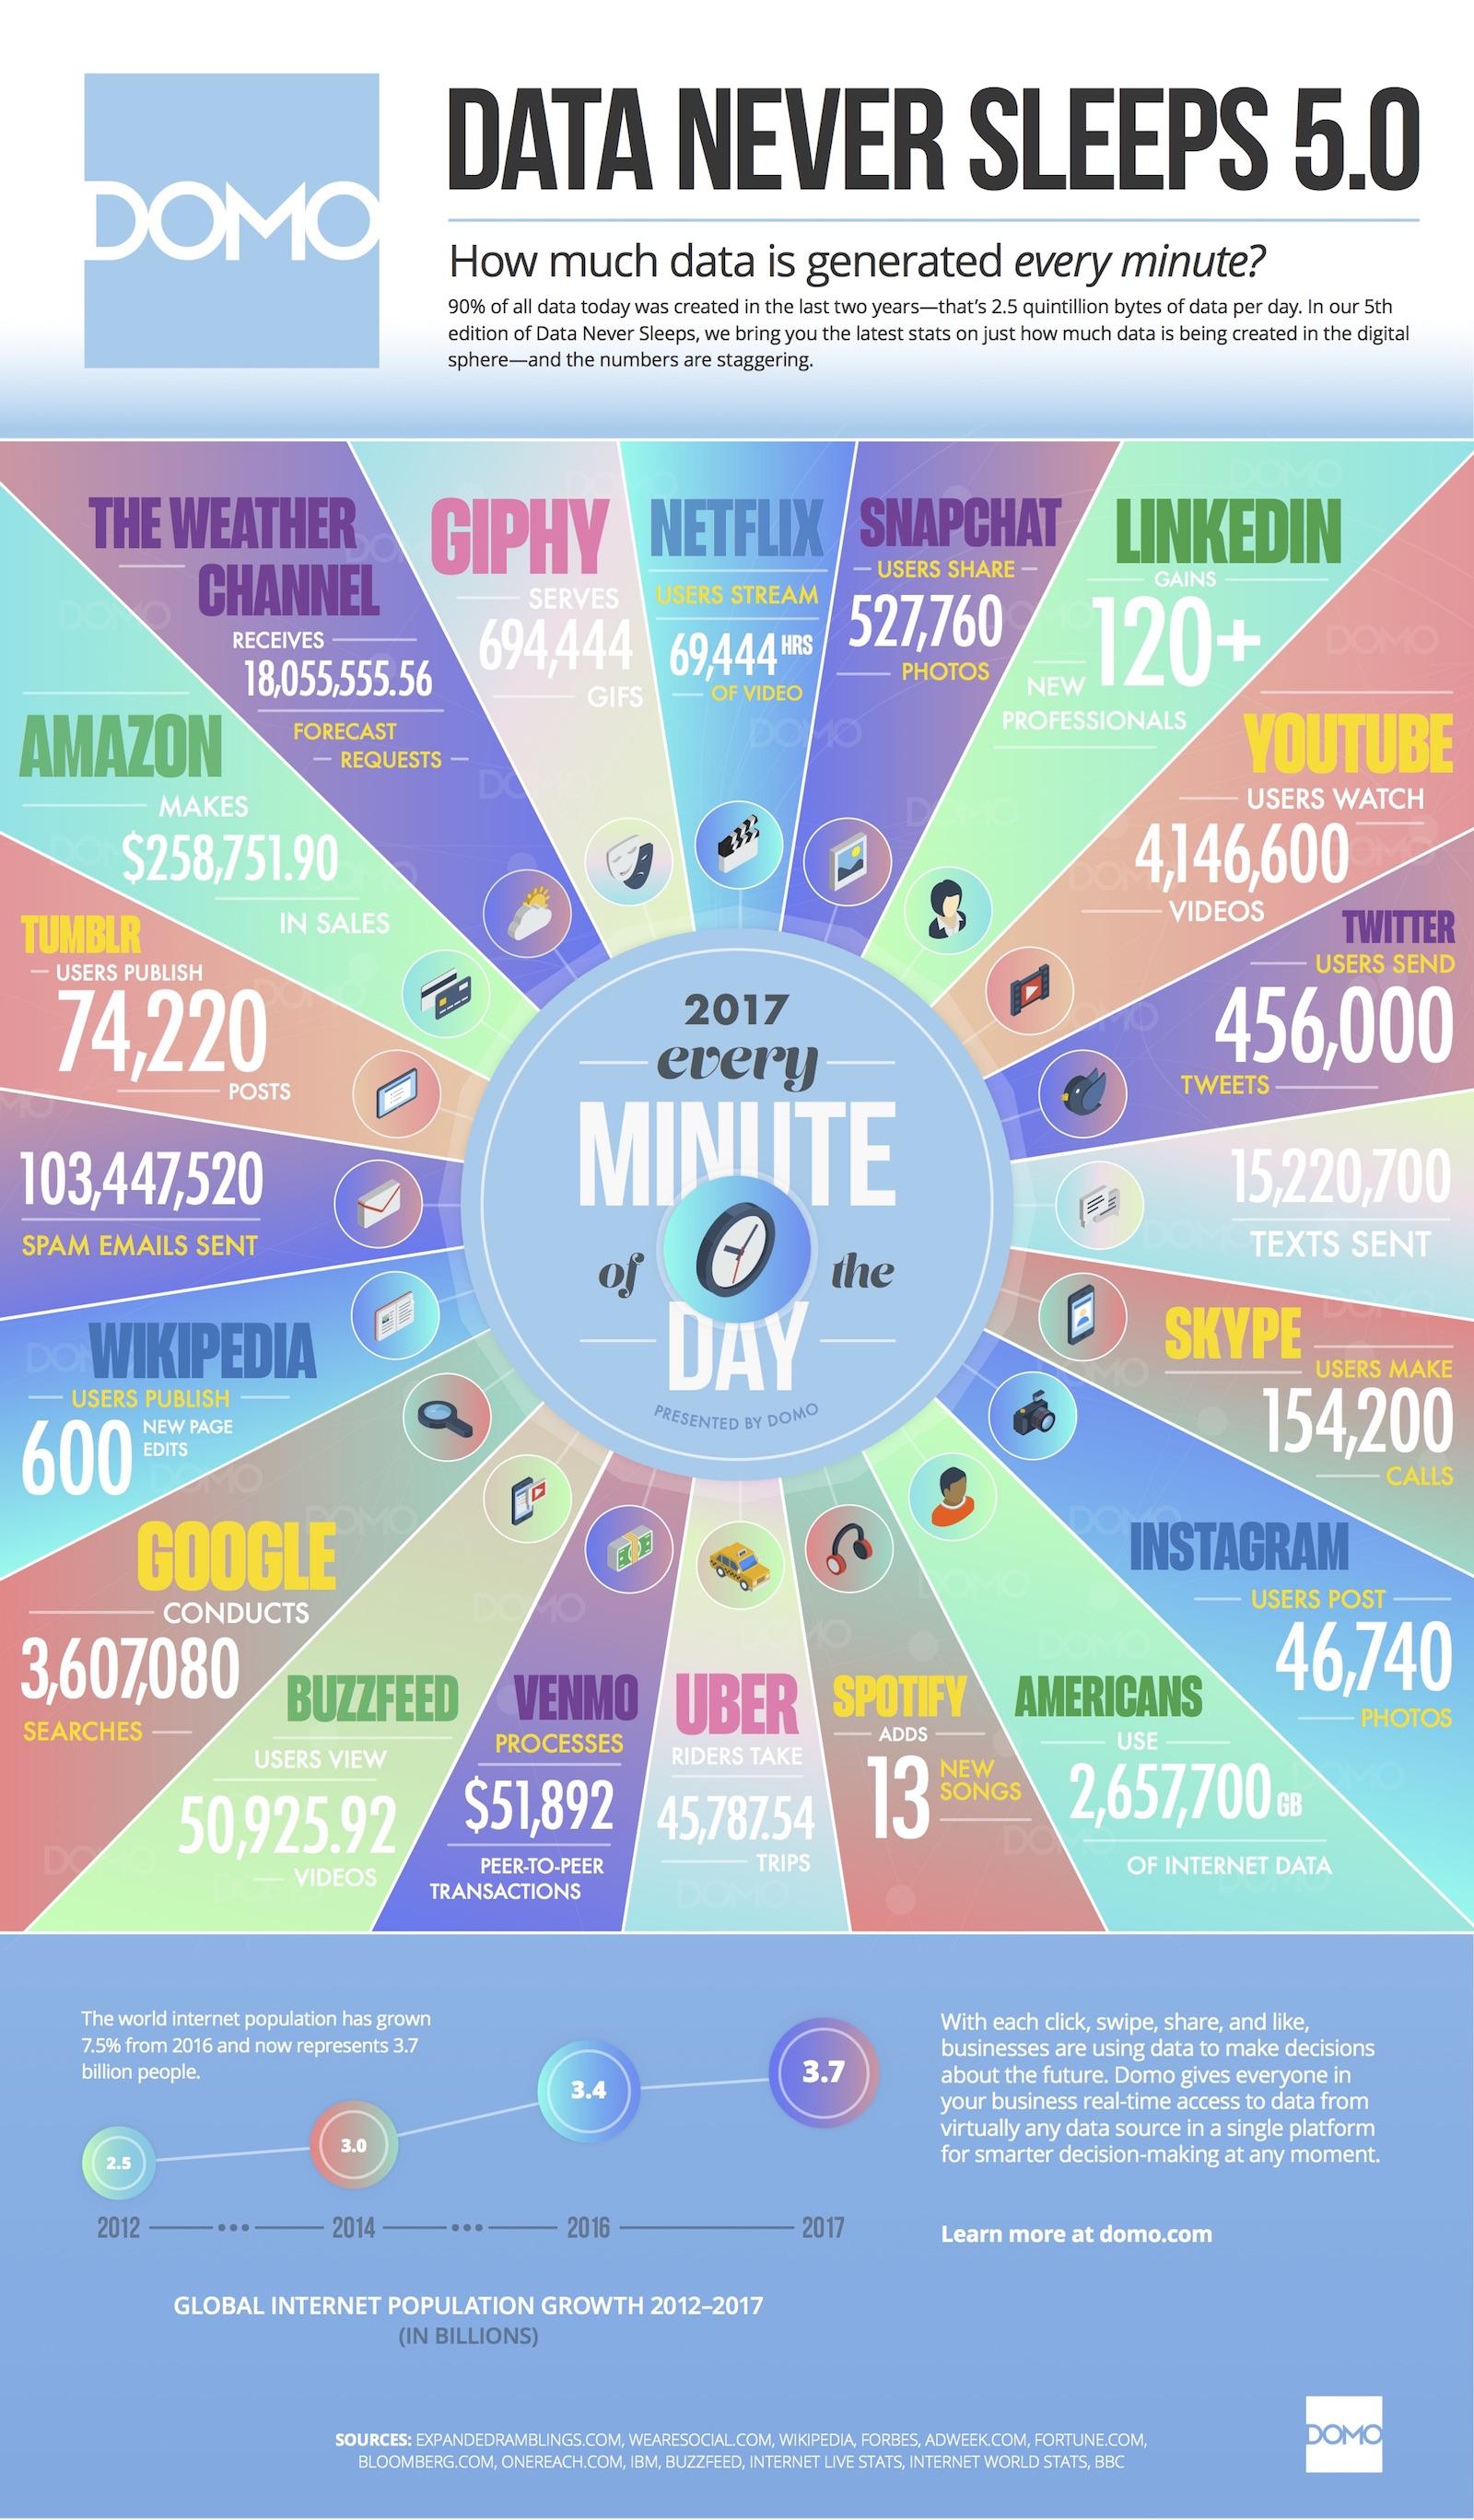 2167c842a9b90 Qué sucede en Internet en un minuto  infografia  infographic - TICs ...